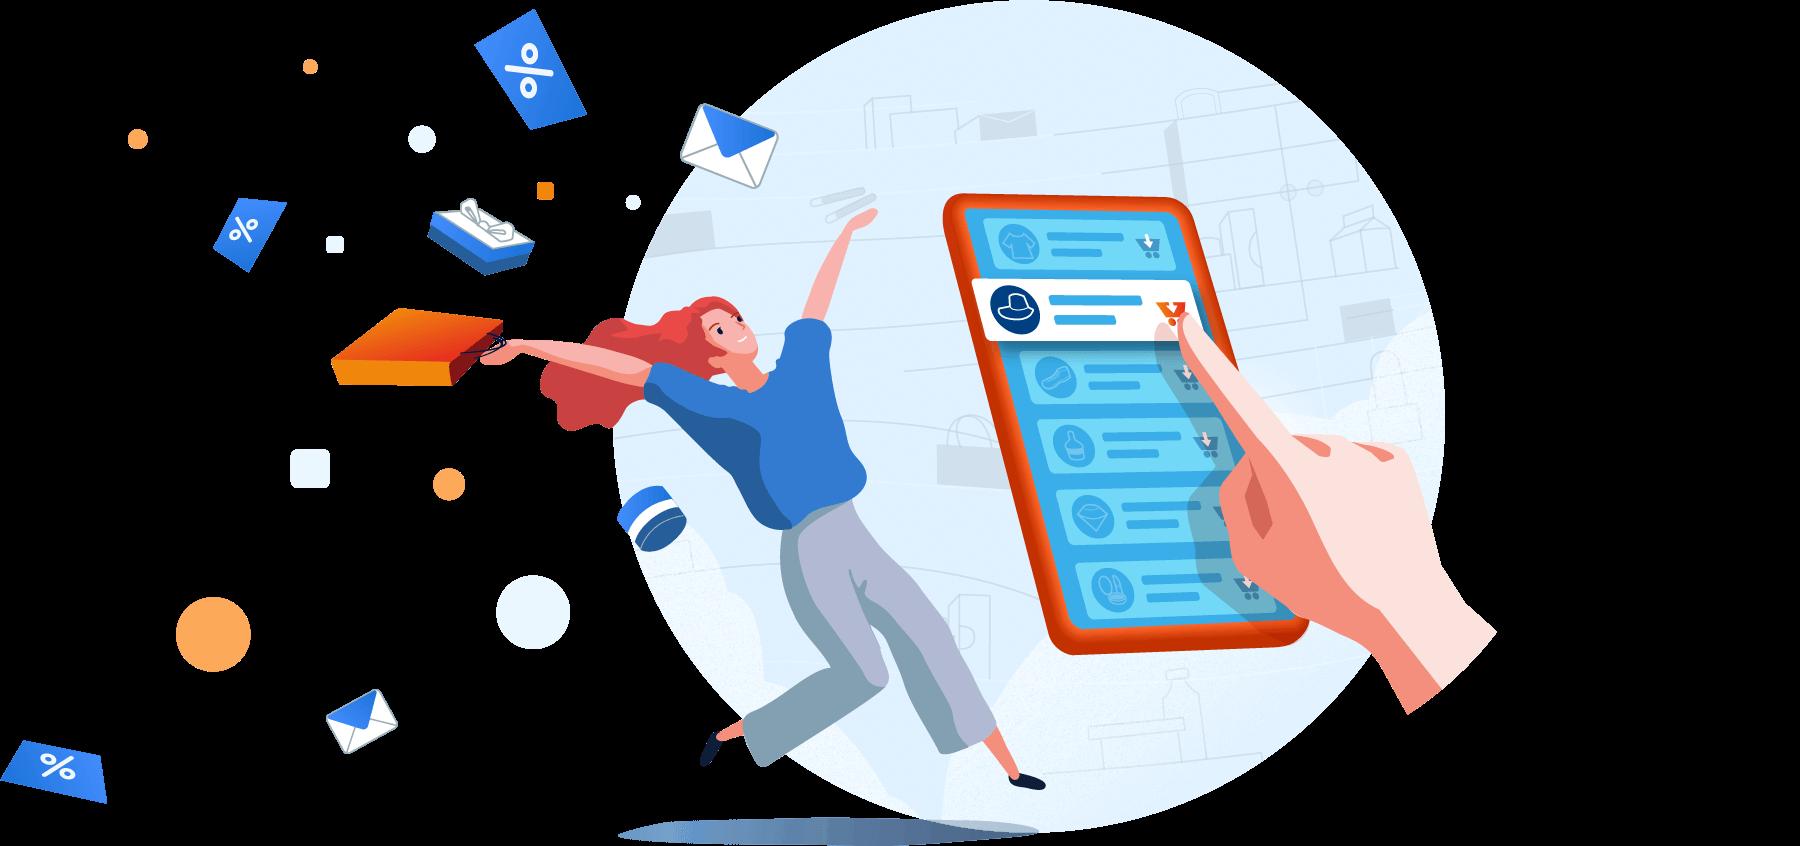 Illustration: Finger der ein Gutschein in einer App auswählt, dahinter eine springende Frau, die ihre Einkaufstüte hochwirft. Um sie herum fliegen Gutscheine